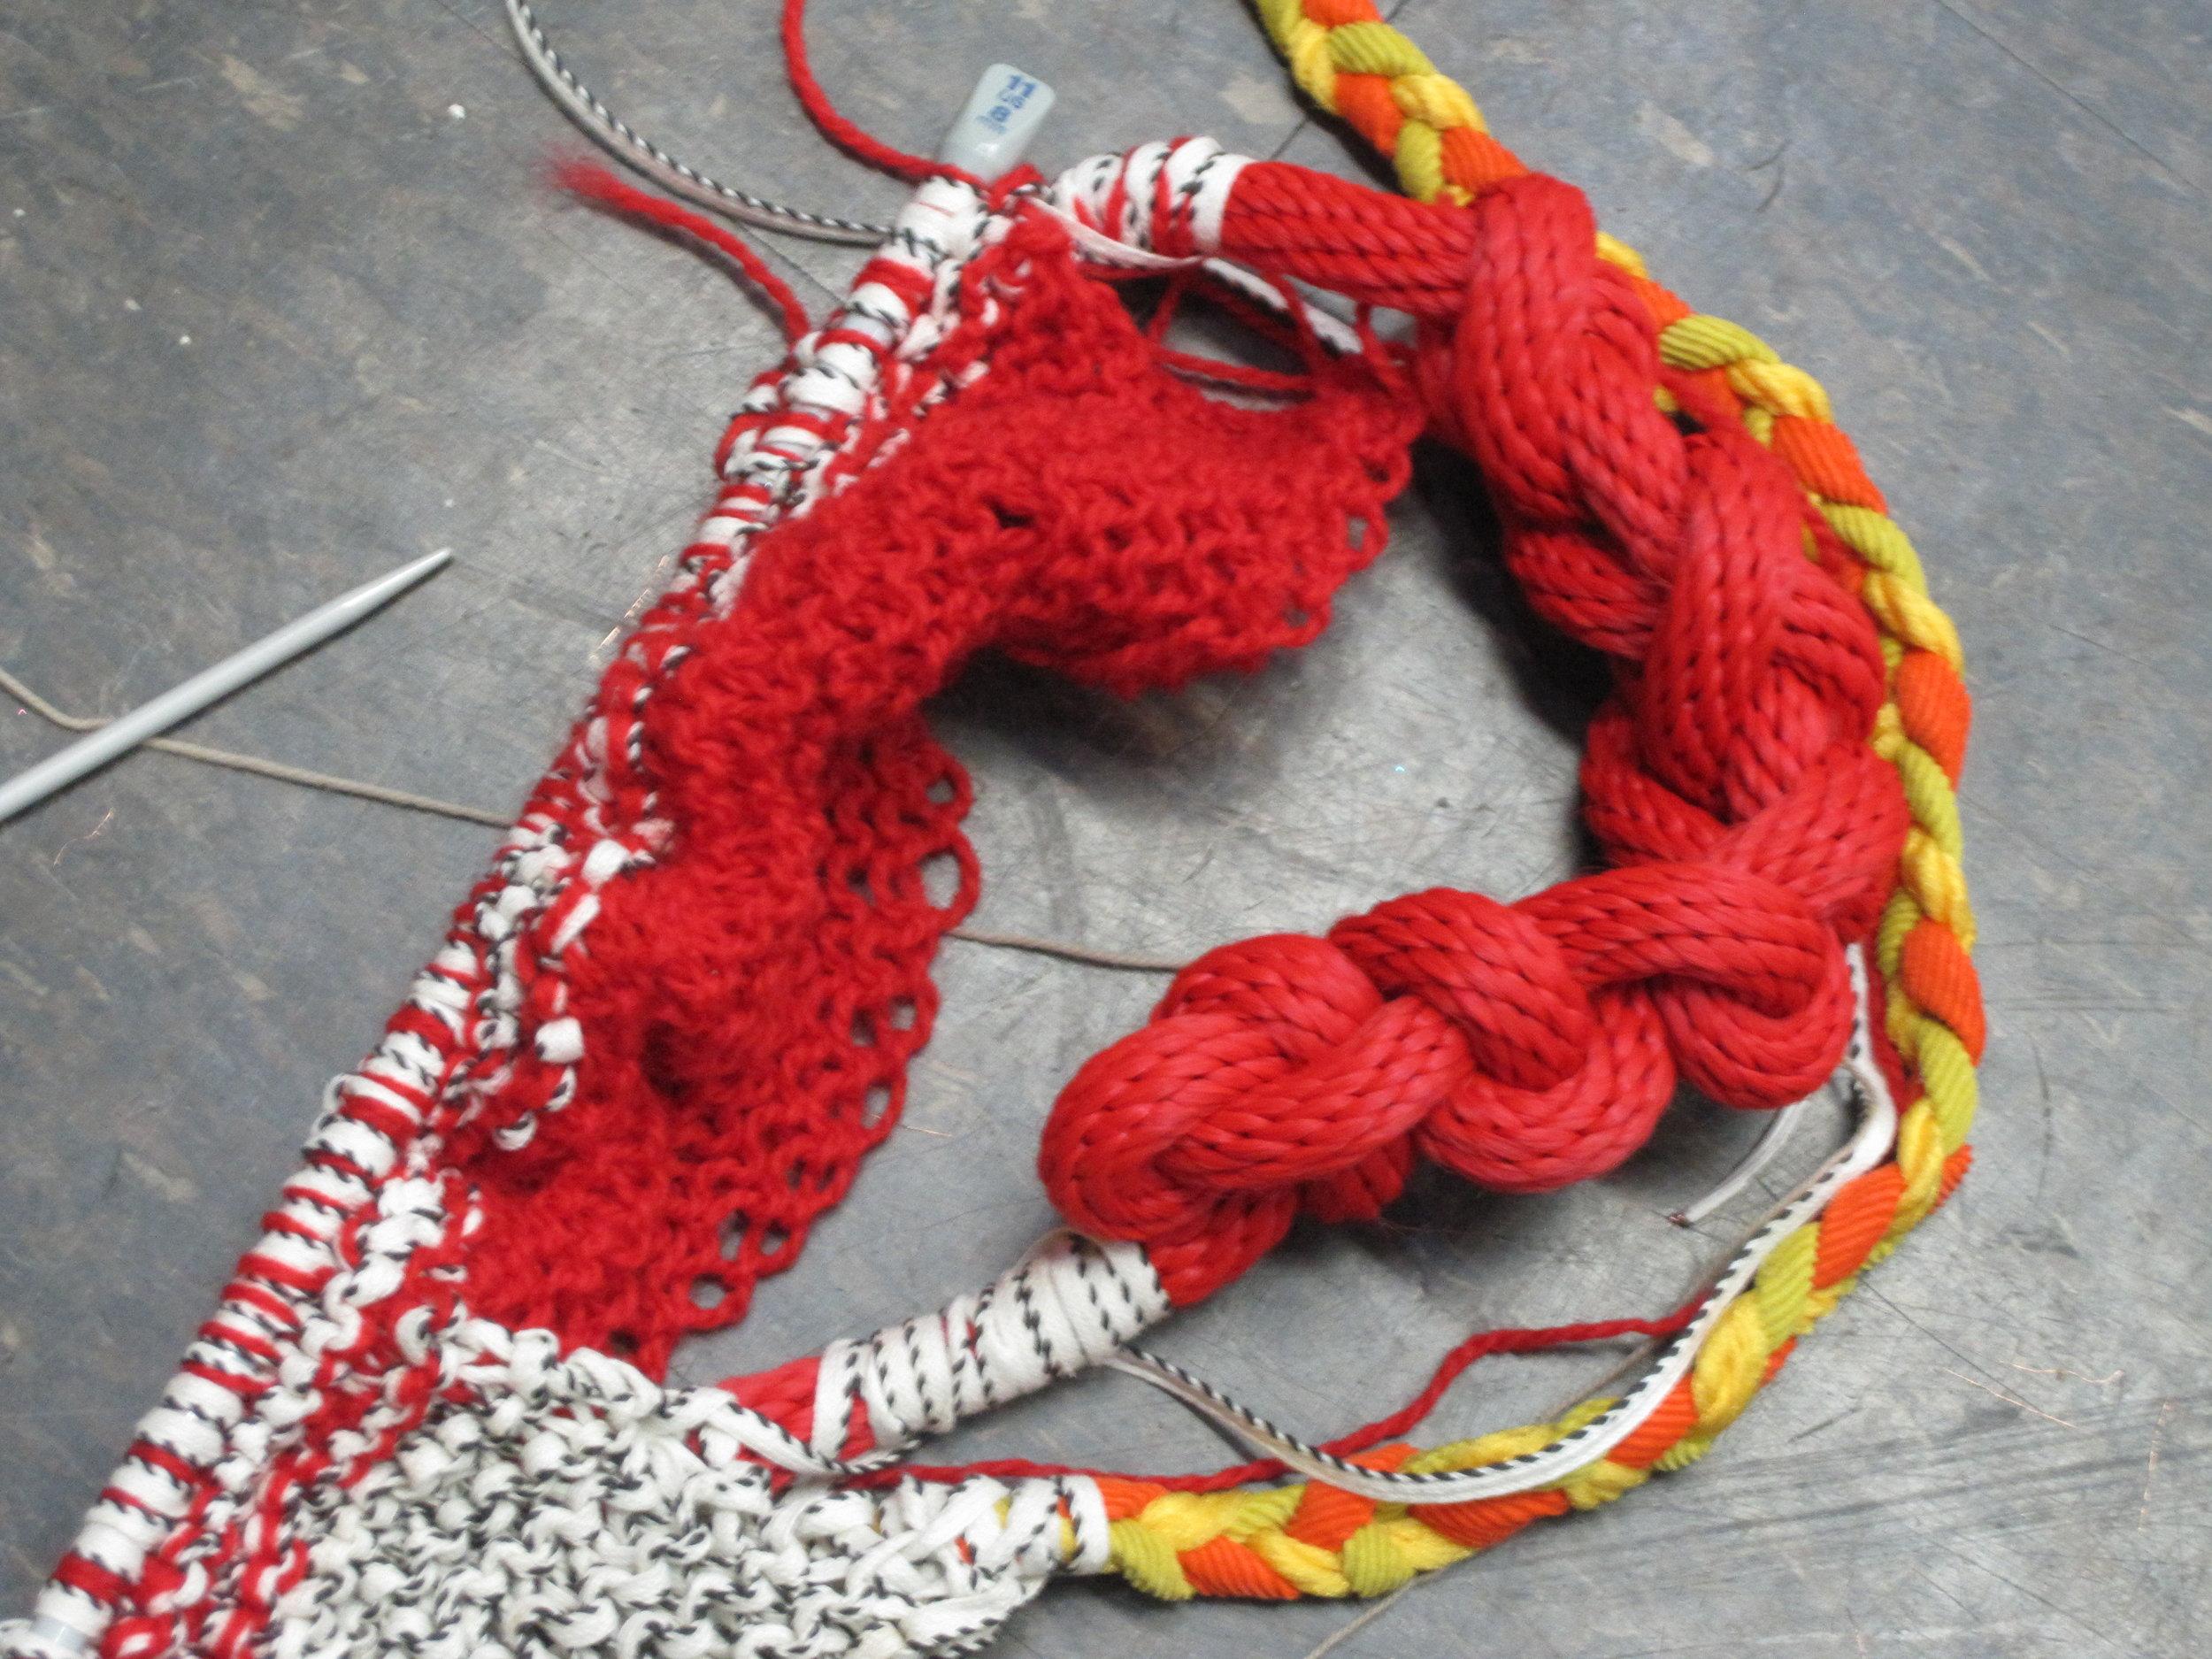 knittingmarathon10_4315202756_o.jpg